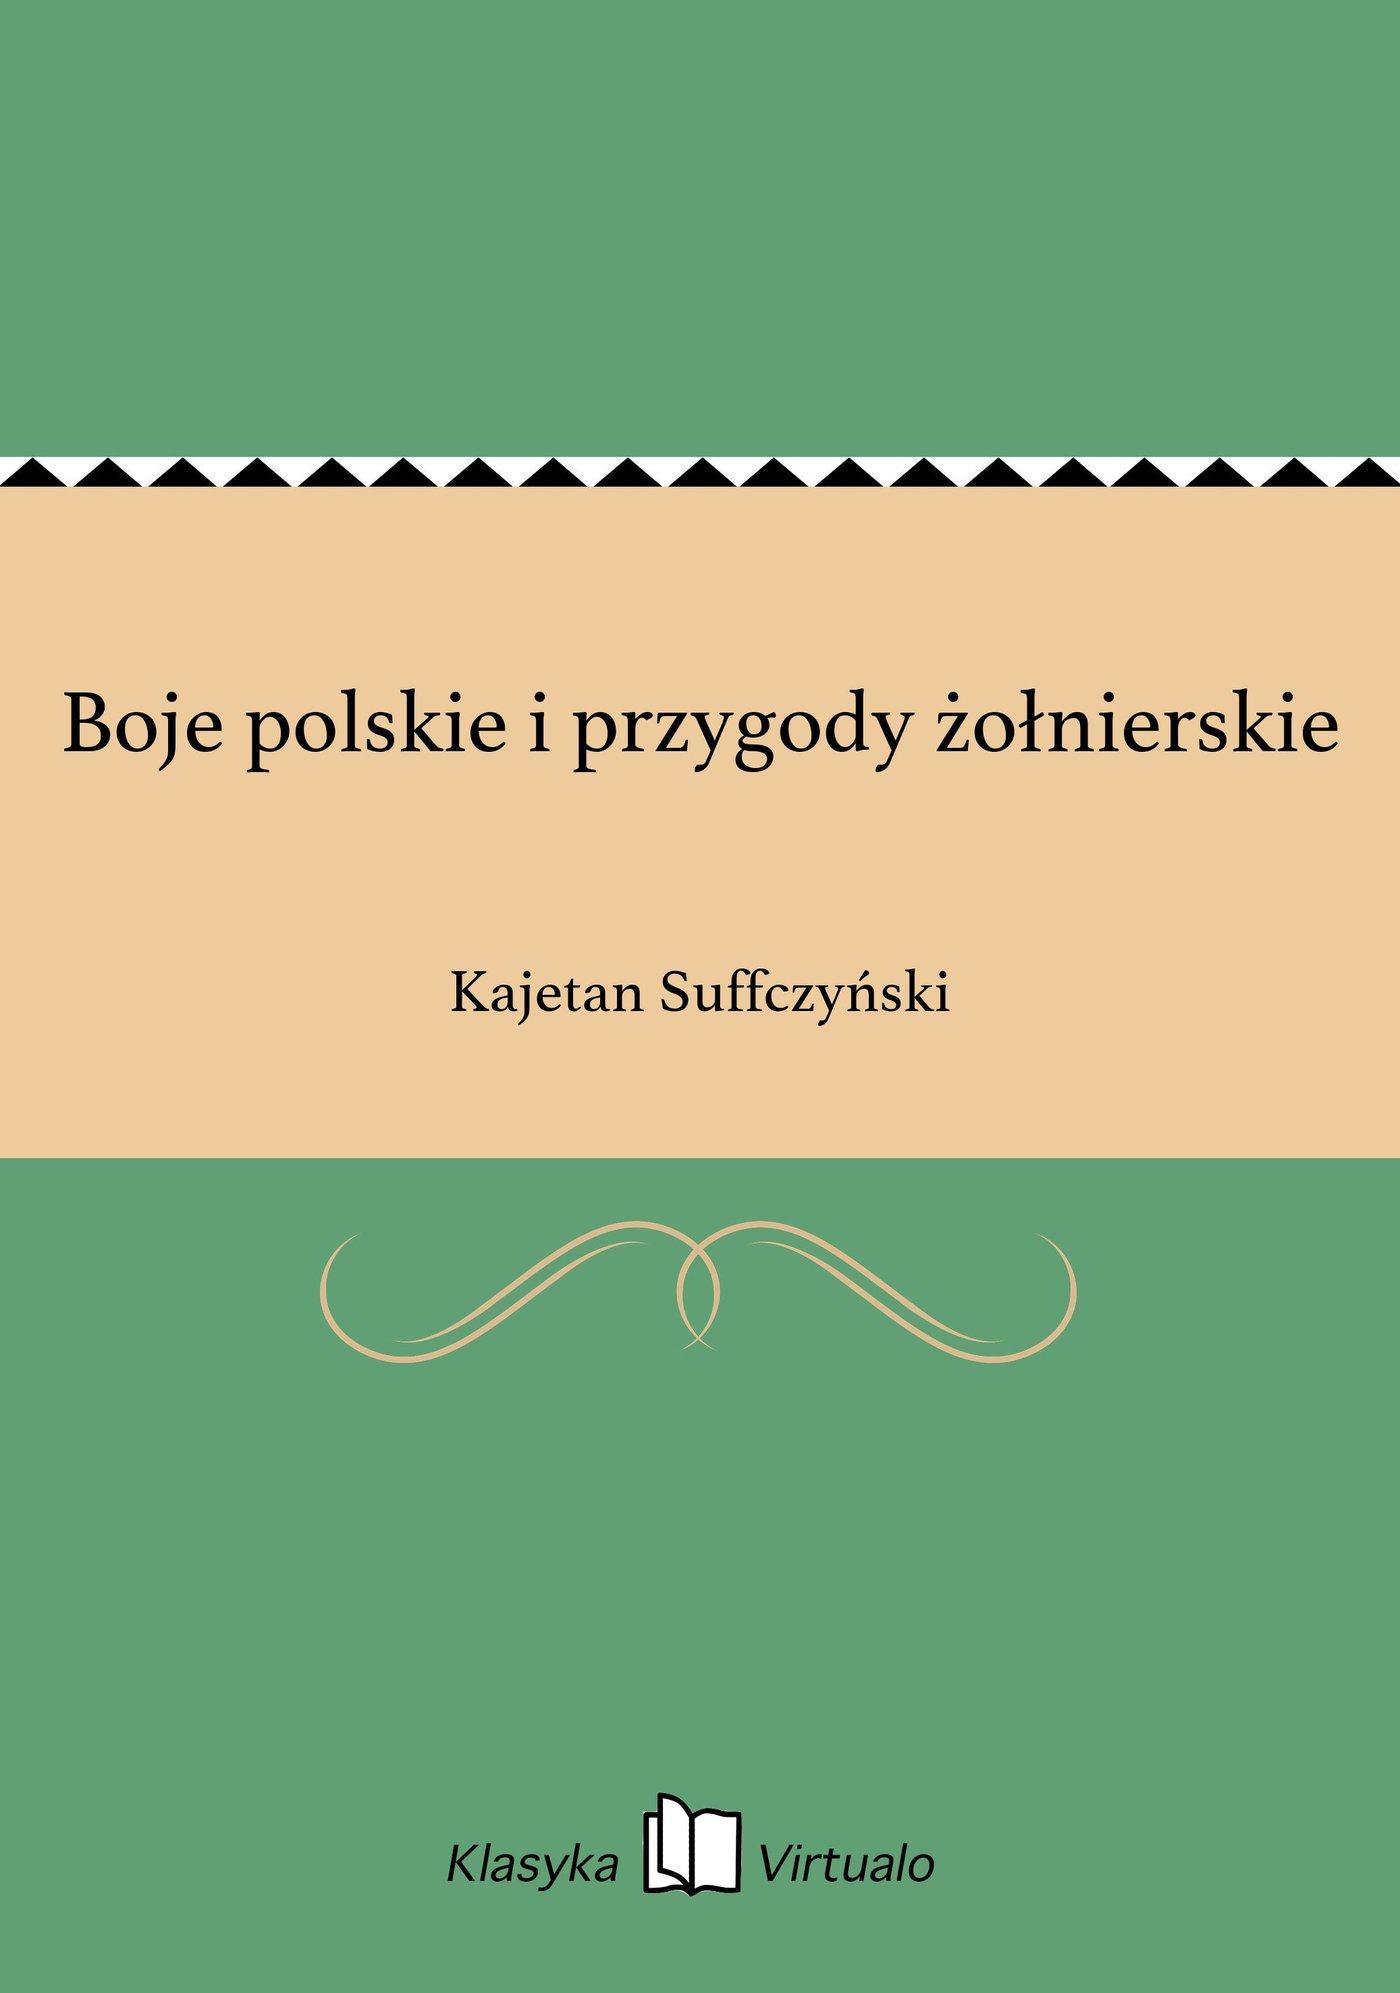 Boje polskie i przygody żołnierskie - Ebook (Książka na Kindle) do pobrania w formacie MOBI